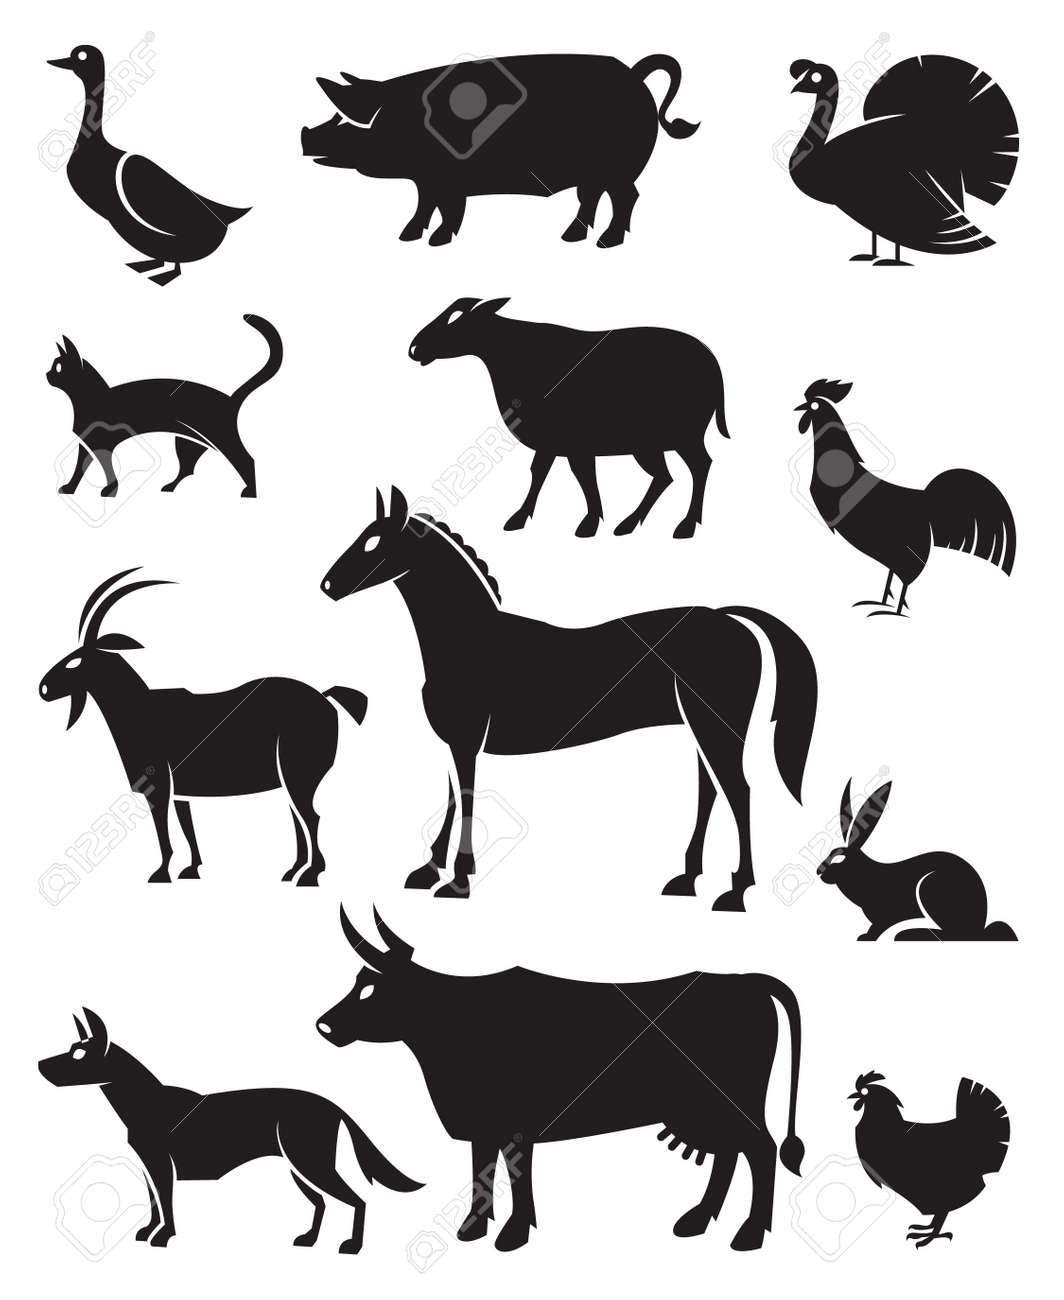 12 の農場の動物のモノクロ イラスト ロイヤリティフリークリップアート